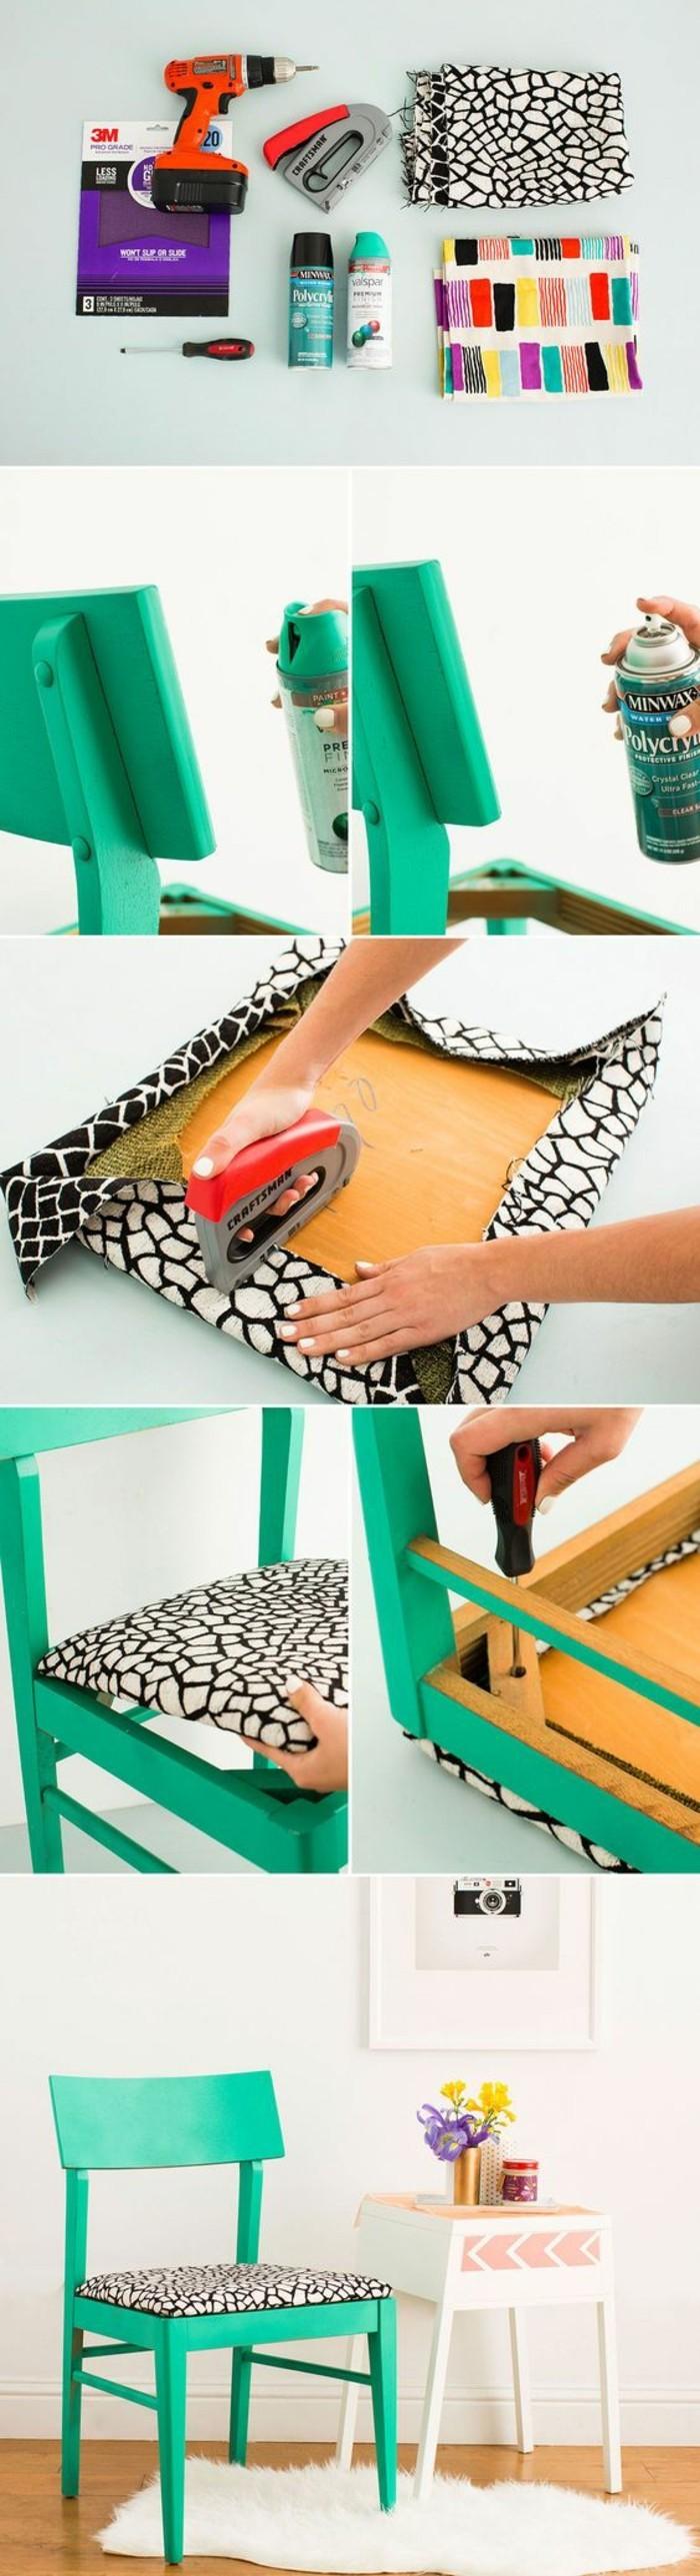 3-Alte-Möbel-aufpeppen-grüner-stuhl-mit-stoff-tapezieren-renovieren-spray-bemalen